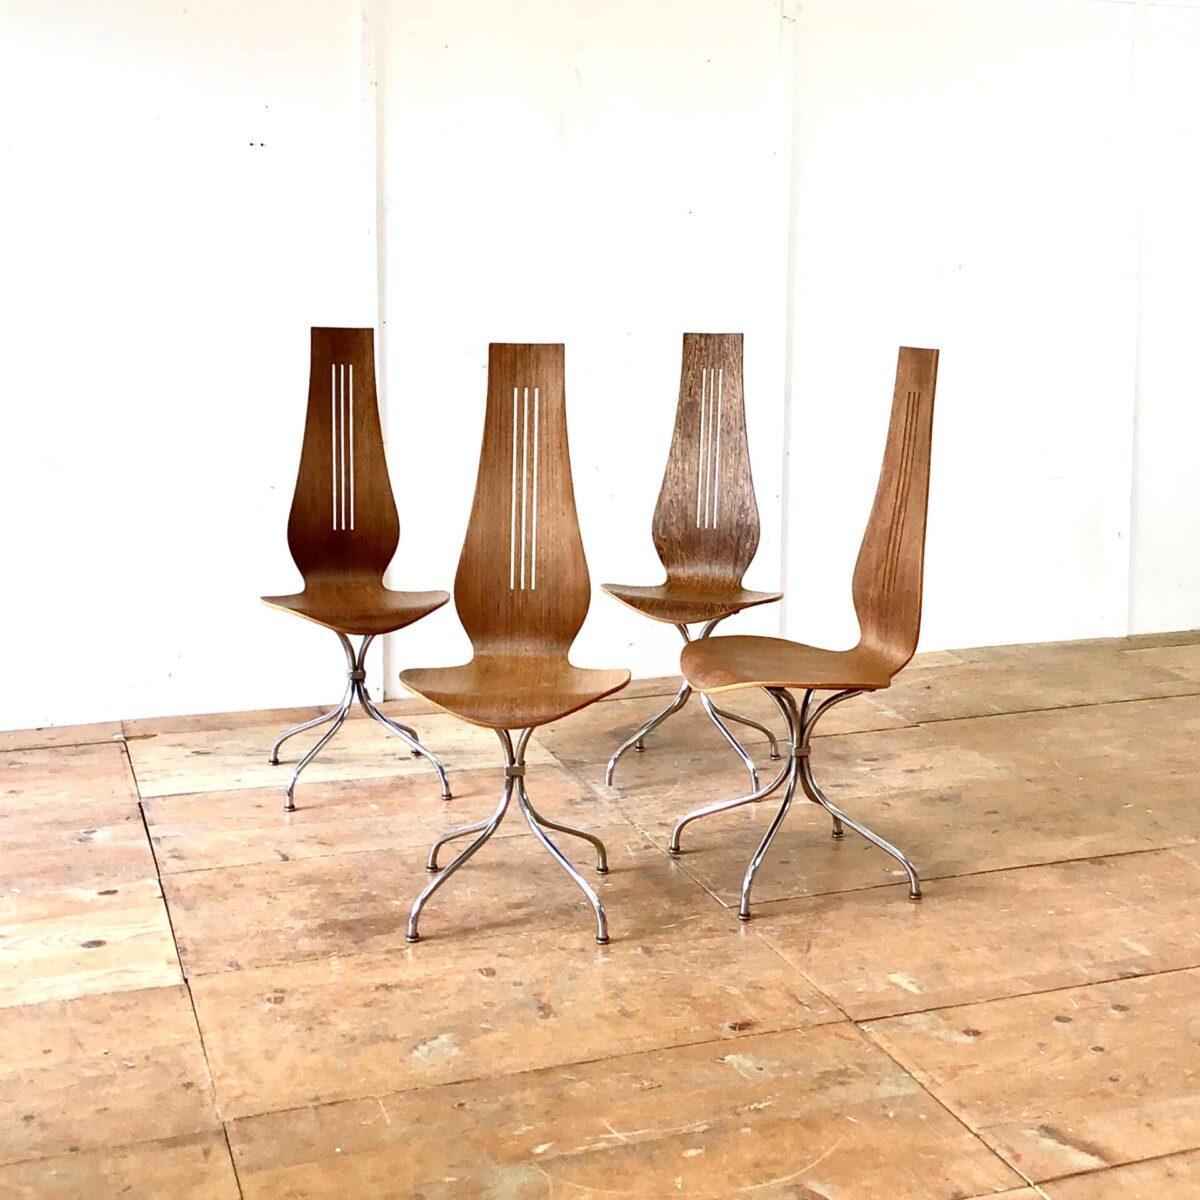 Deuxieme.shop swissmade swissdesign swissfurniture Midcentury Esszimmer Stühle von Theo Häberlin aus den 70er Jahren. Sitzhöhe 45cm gesamt Höhe ca. 106cm. Die Formsperrholz Sitzschale, mit hohem Rücken, ist angenehm zwischen den Schulterblättern. Diese Stühle heben sich vorallem durch die Höhe von anderen Stühlen ab. Die Lehne überragt deutlich die Höhe einer Tischkante. Das Metall Untergestell ist verchromt, stabil und hochwertig ausgeführt. Der kleine Metall Würfel, durch den die Stuhlbeine verlaufen, erinnert mich an Art déco Möbel Elemente. Einer der Stühle unterscheidet sich deutlich durch die lebhafte Holzmaserung.